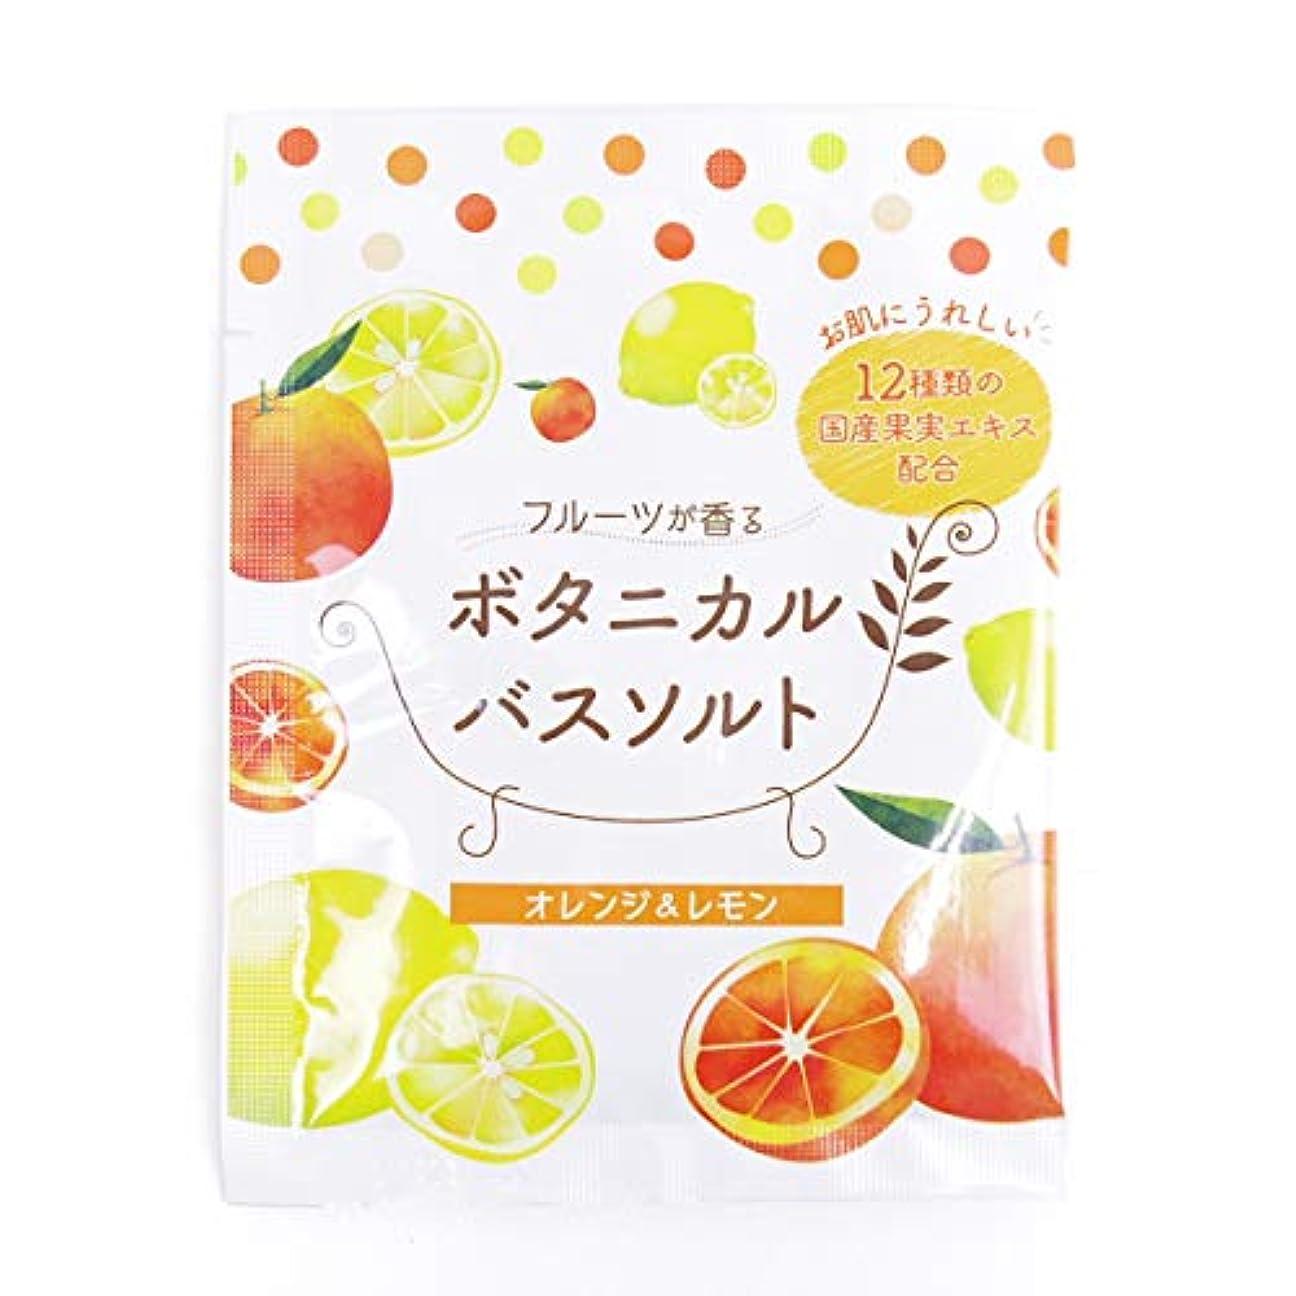 神社行うバイオリン松田医薬品 フルーツが香るボタニカルバスソルト オレンジ&レモン 30g